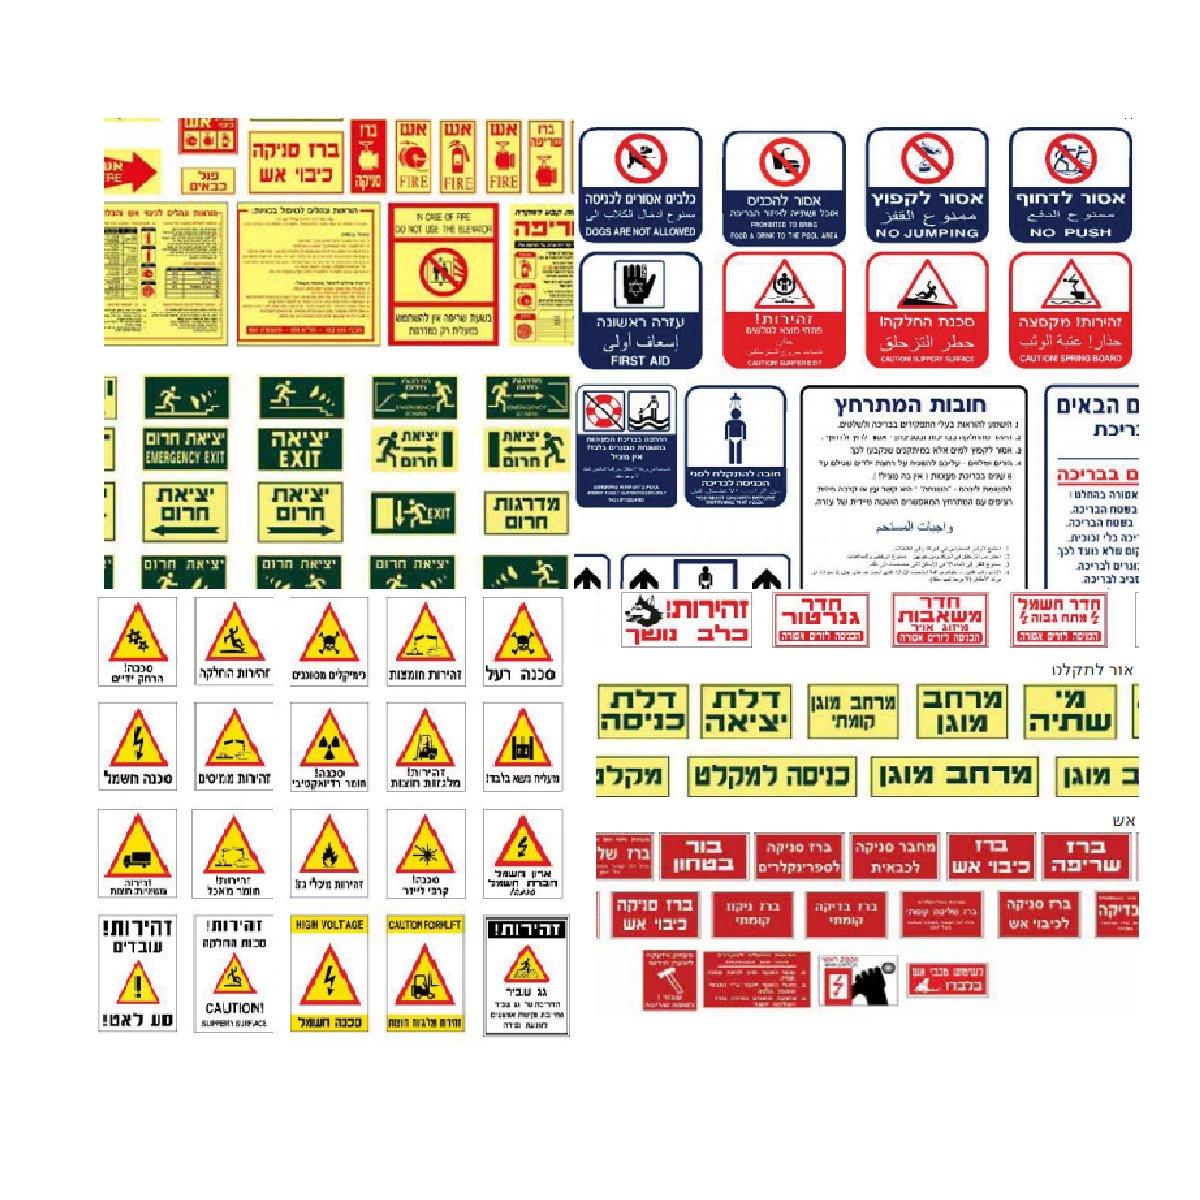 שלטי אזהרה ובטיחות